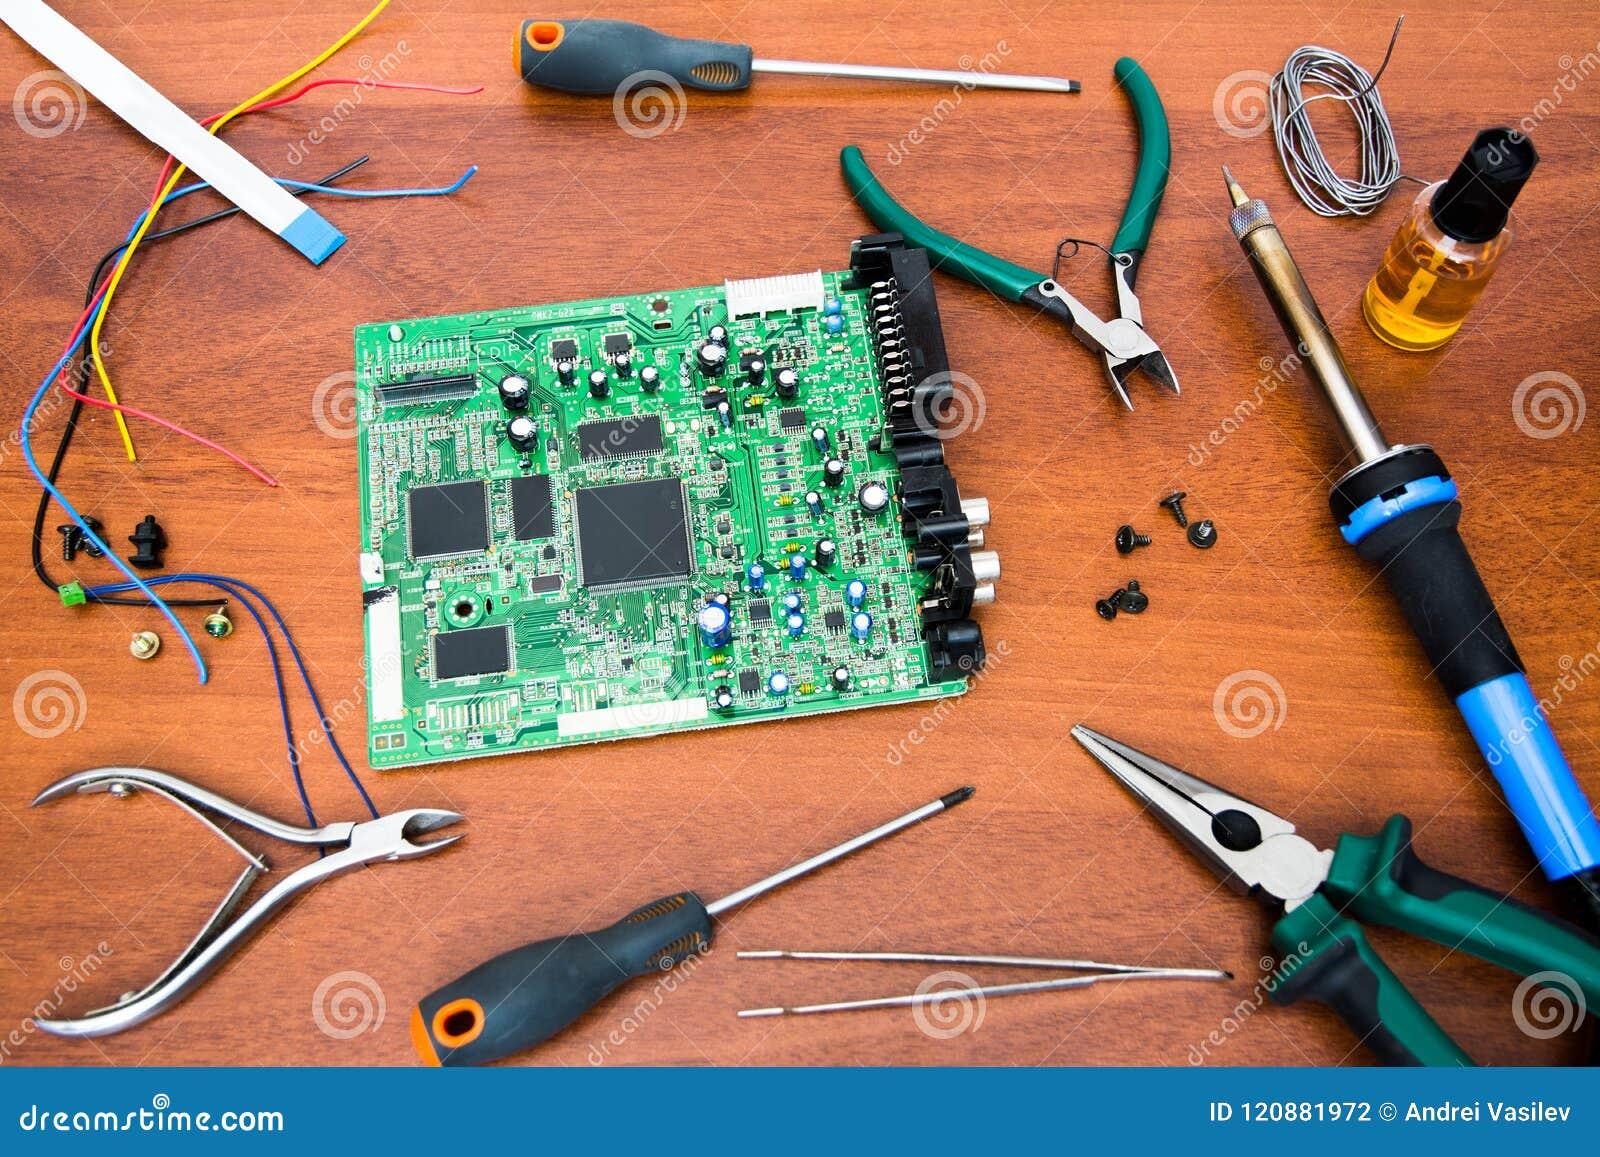 Reparo da placa de sistema eletrônica com microcircuitos e de componentes eletrônicos Ferramentas necessárias